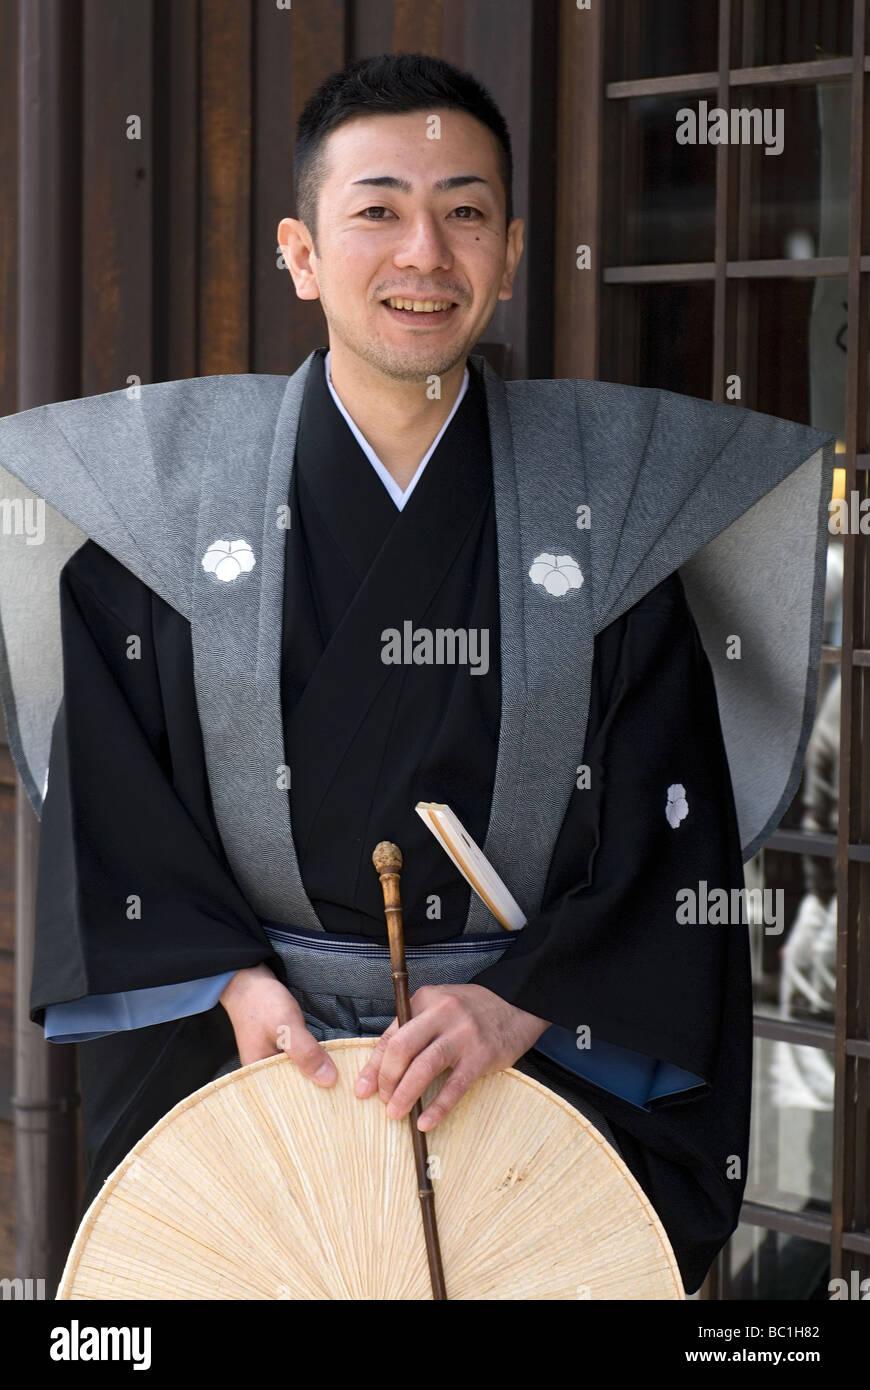 Ein Mann in einem traditionellen formalen Samurai Kostüm posiert für ein Foto während des Frühlingsfestes Stockbild